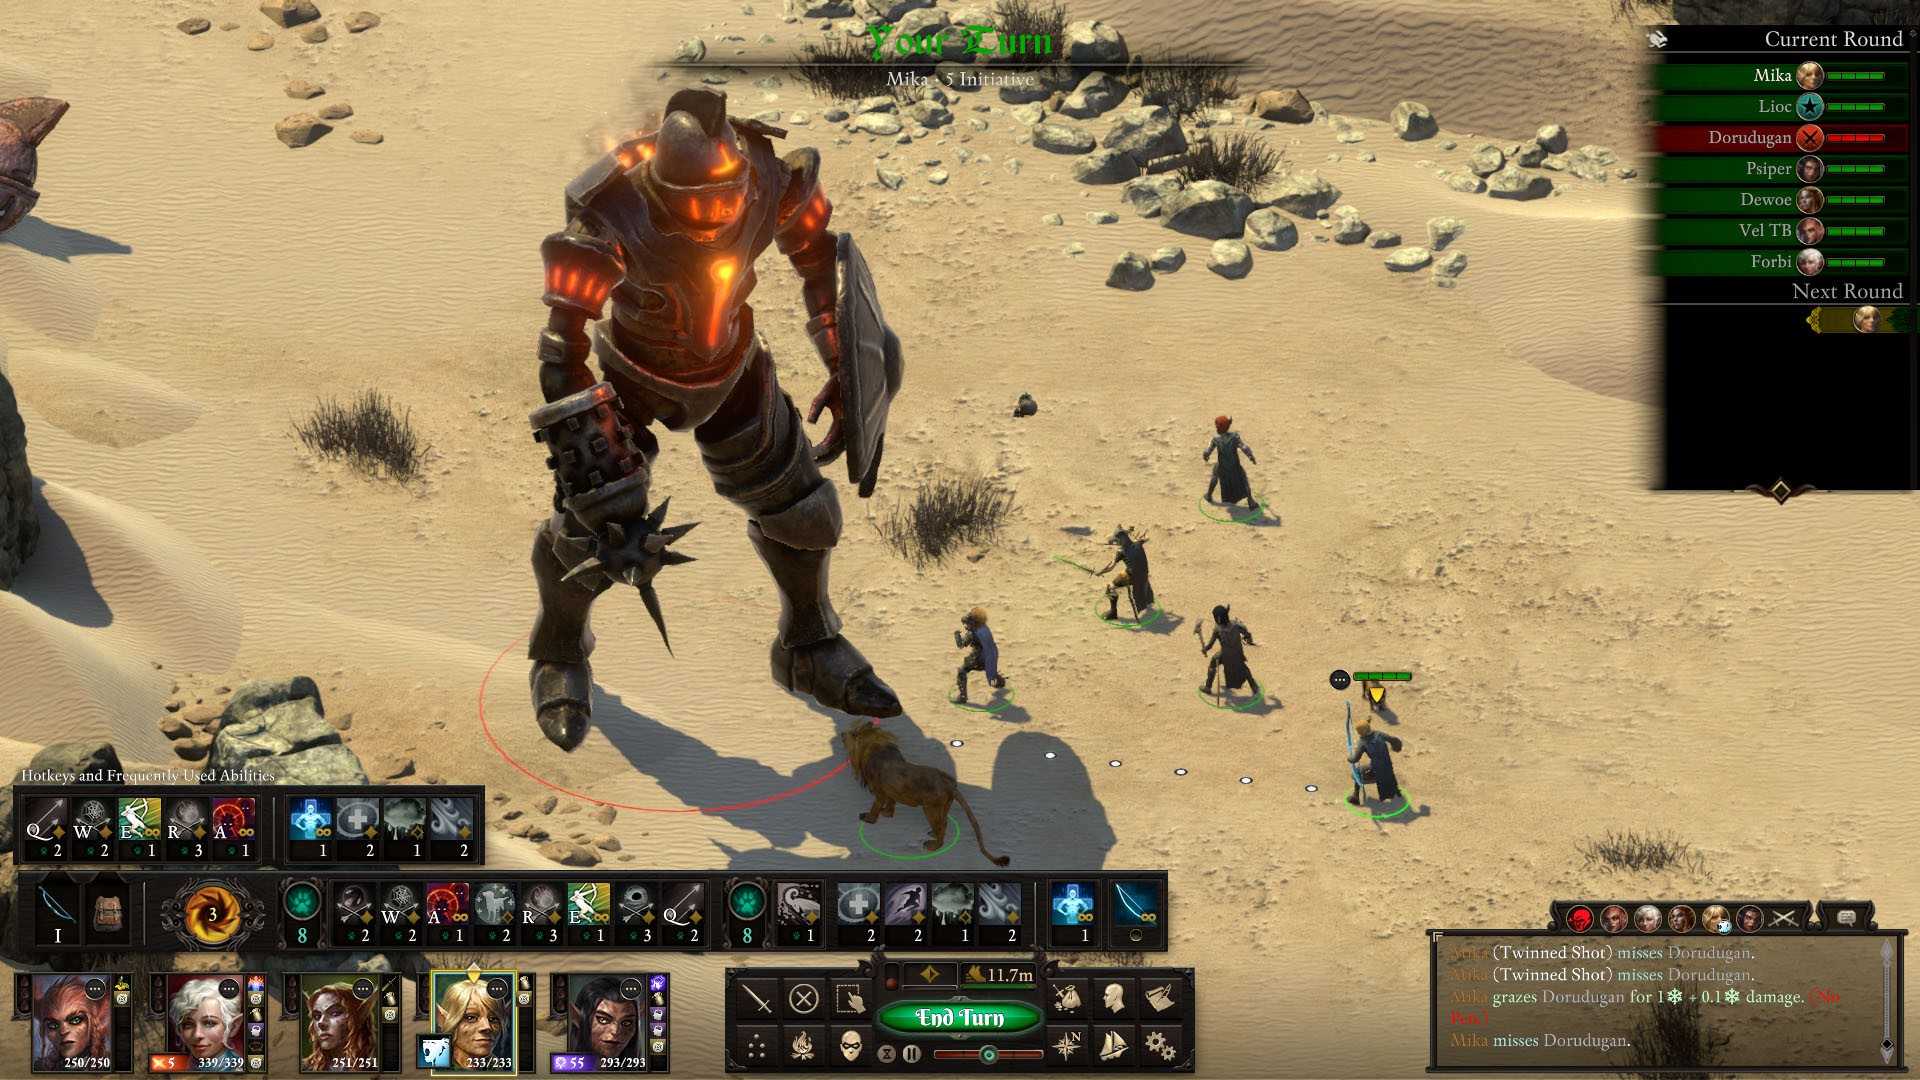 《永恒之柱2》将加入回合制战斗模式 游戏策略性大增